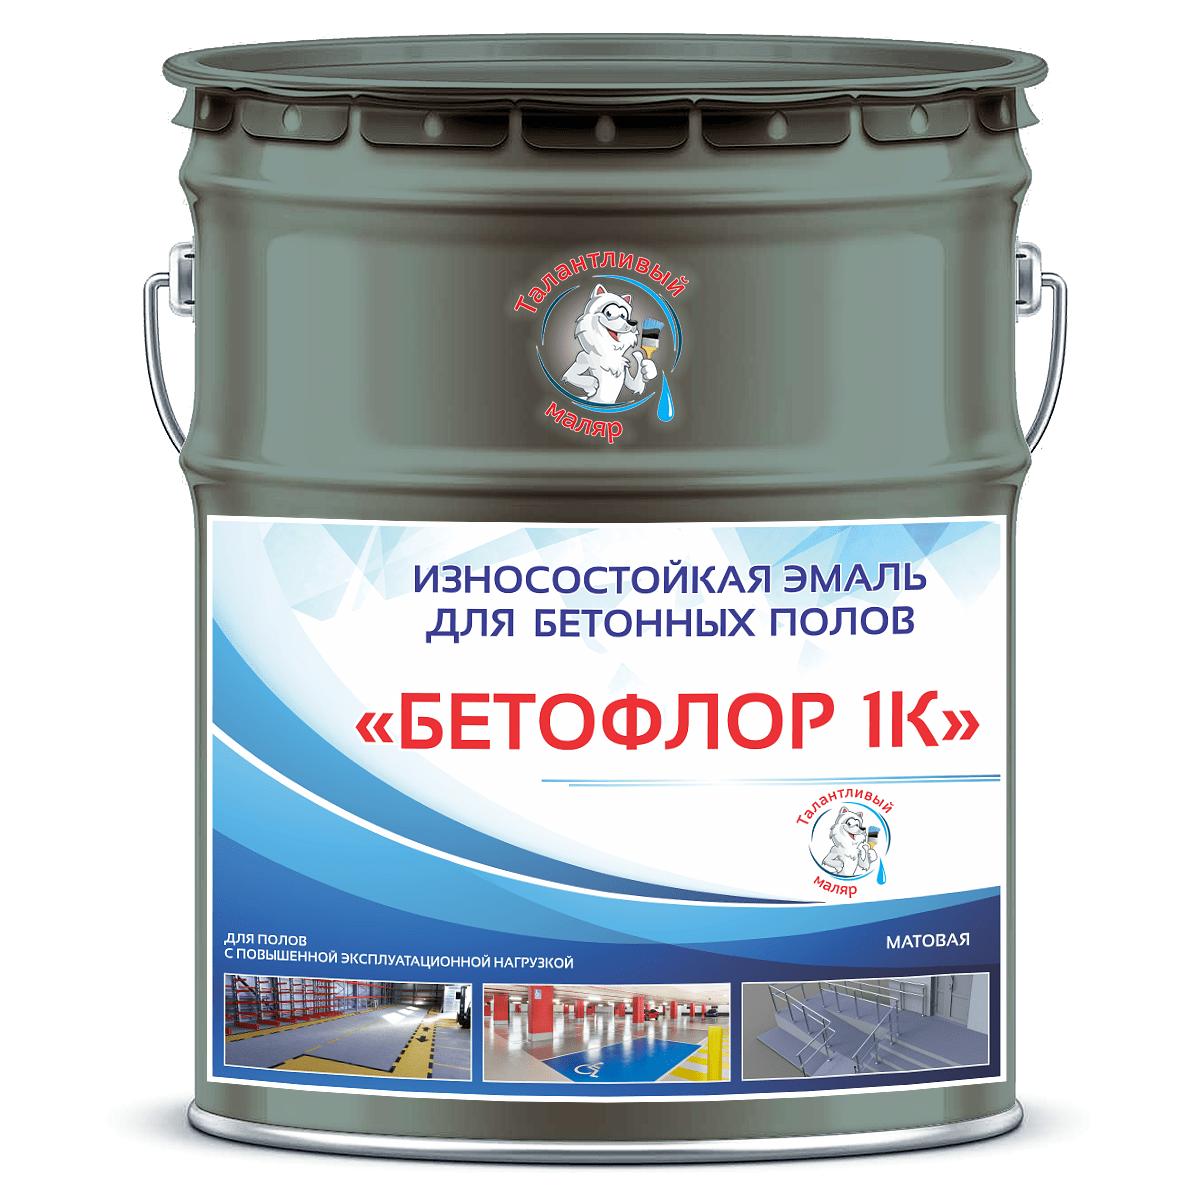 """Фото 9 - BF7009 Эмаль для бетонных полов """"Бетофлор"""" 1К цвет RAL 7009 Зелёно-серый, матовая износостойкая, 25 кг """"Талантливый Маляр""""."""